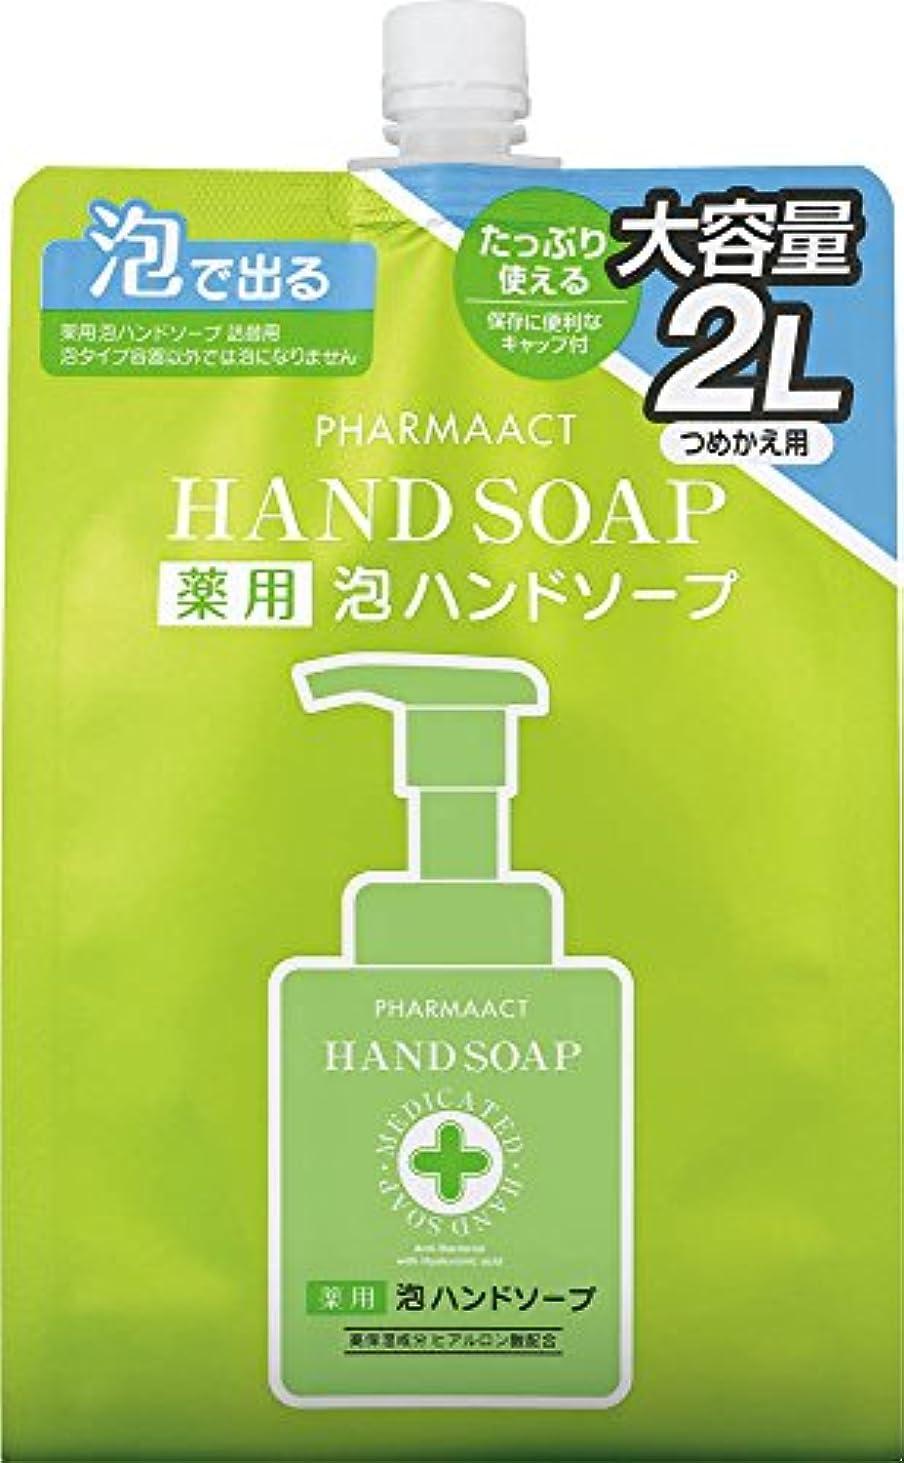 飼料入札ジョージハンブリー熊野油脂 PHARMAACT(ファーマアクト) 薬用泡ハンドソープ詰替スパウト付 2L